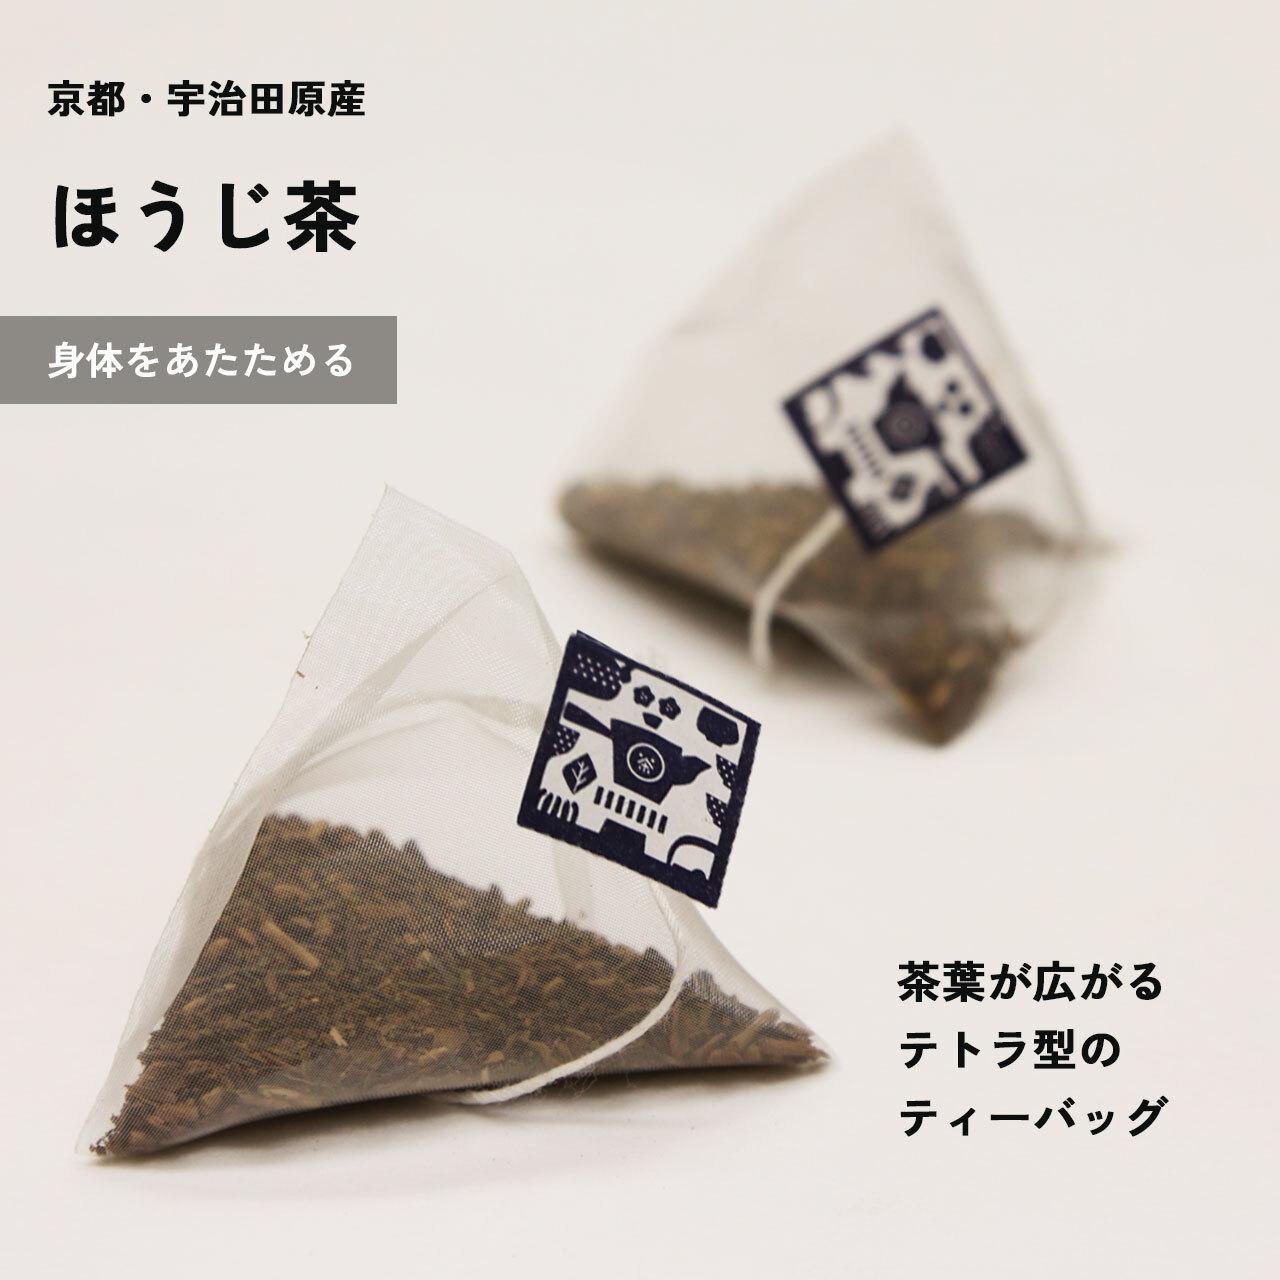 芳しく豊かな香りとしっかりとした味わい。カフェイン少なめ京ほうじ茶